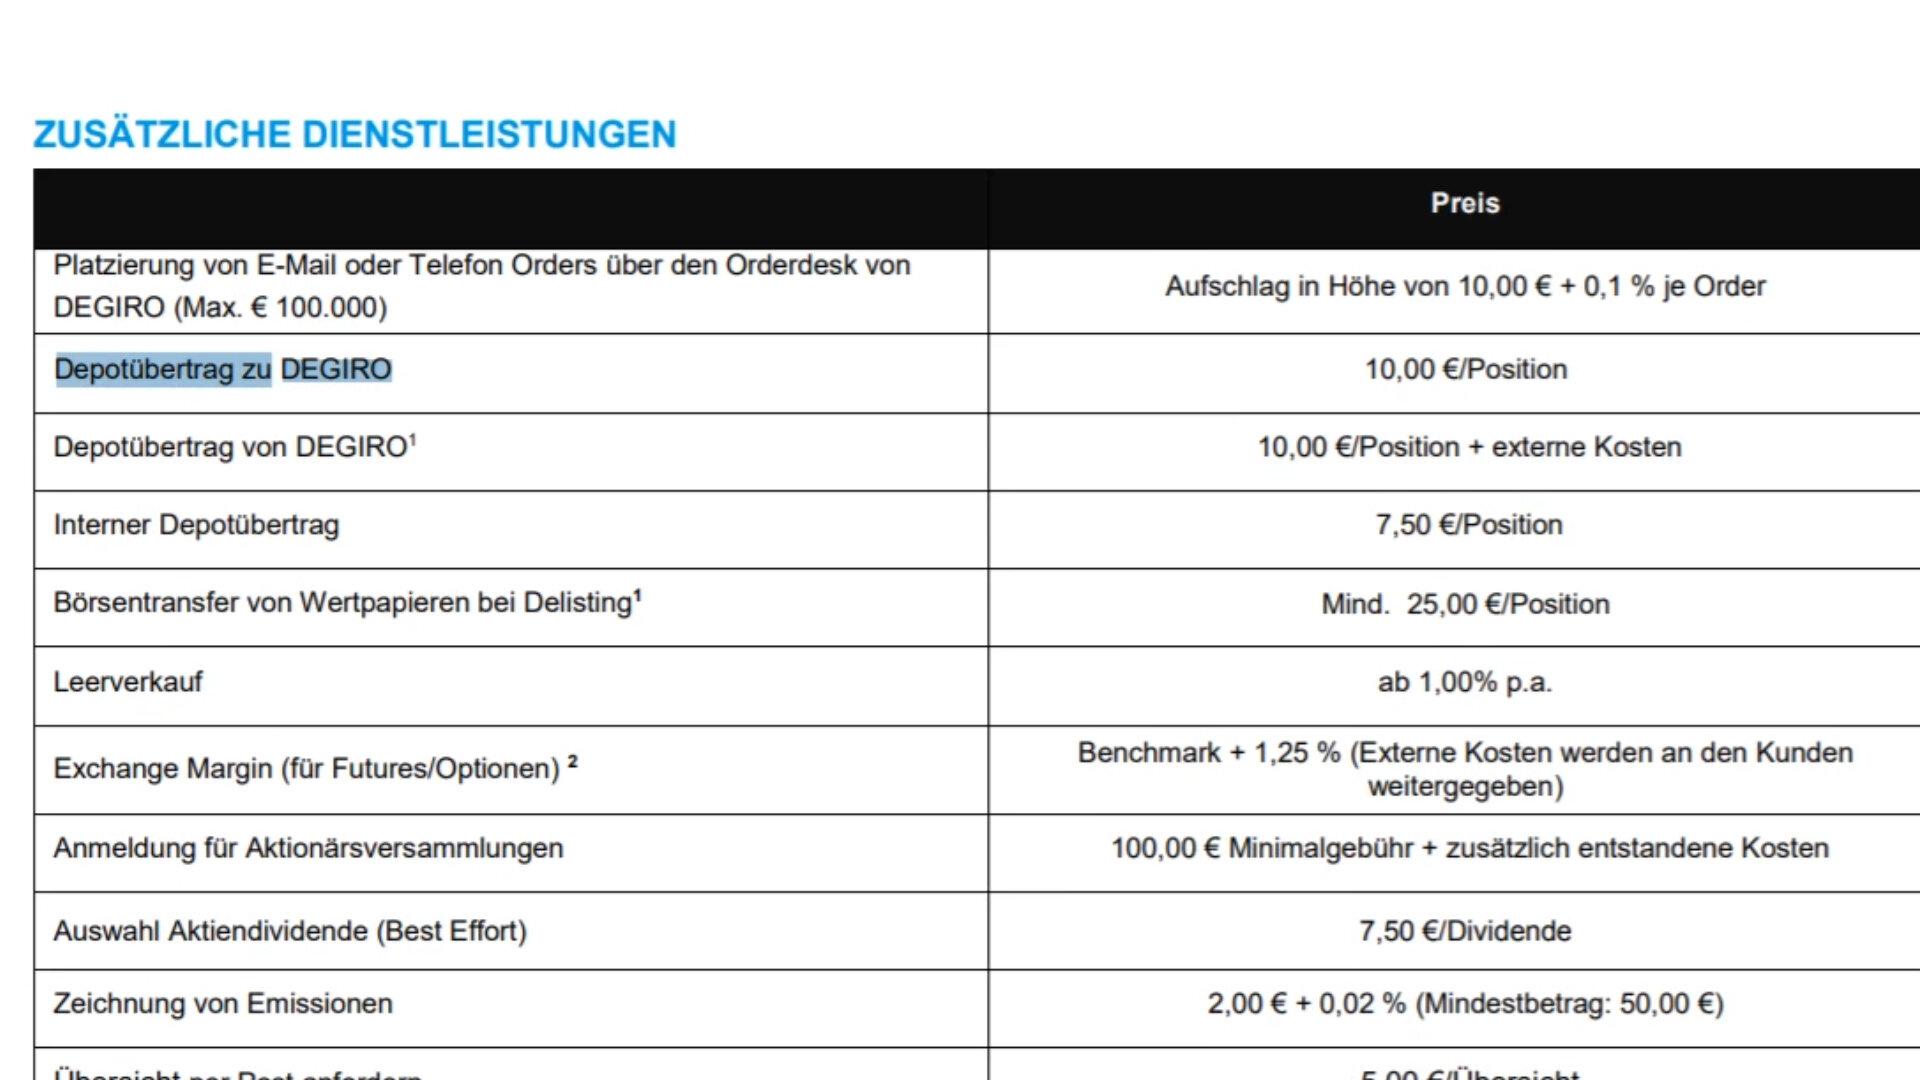 Preisverzeichnis von DEGIRO: Ein Depotübertrag egal in welche Richtung kostet 10 Euro